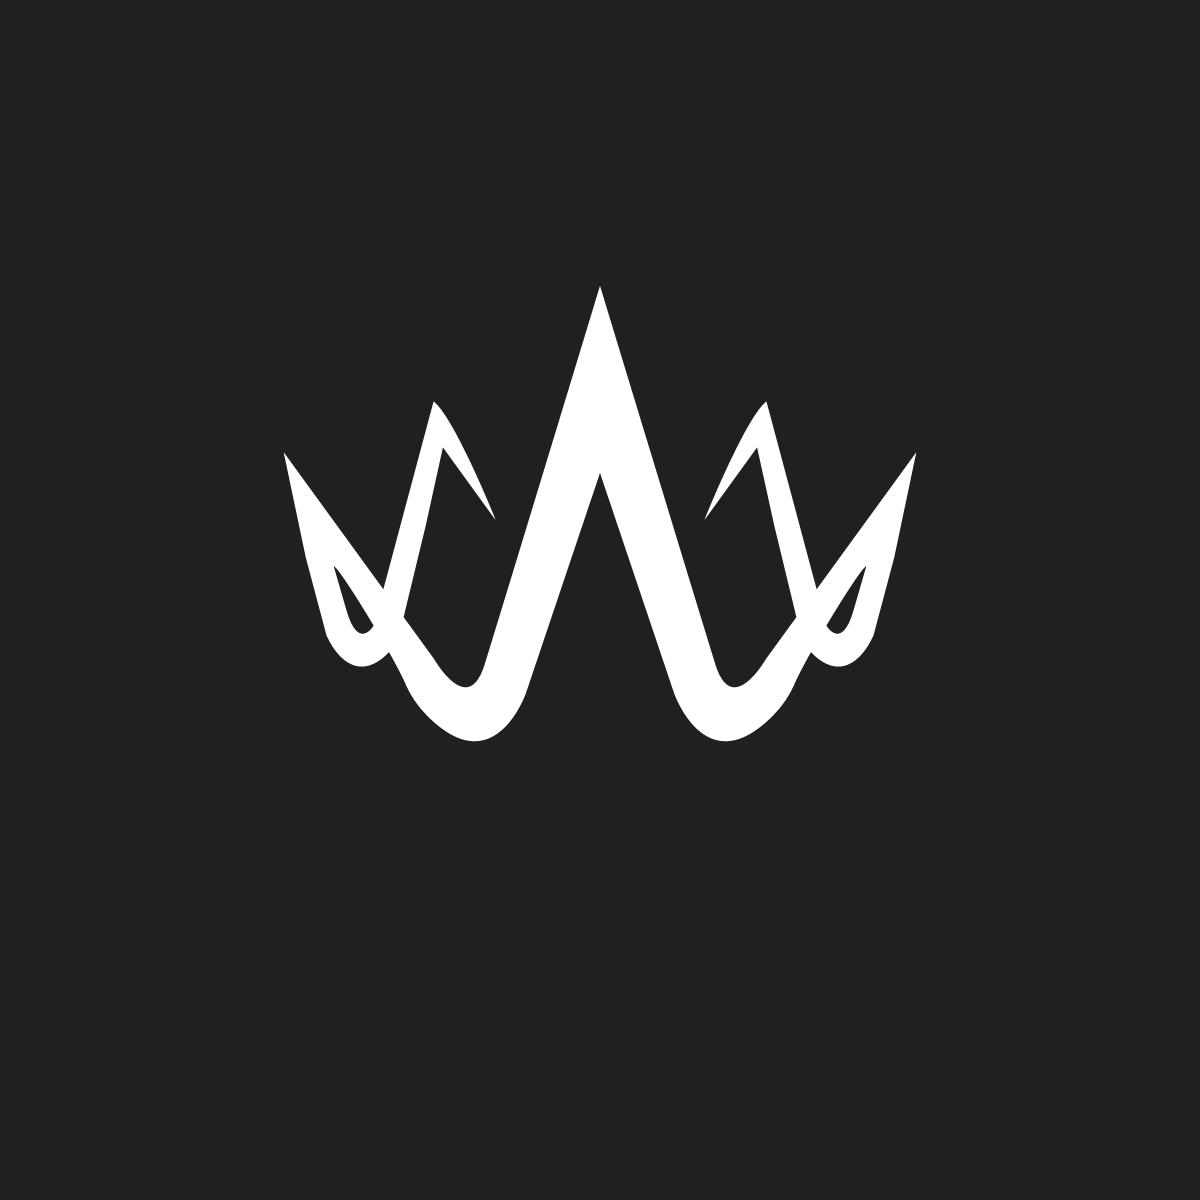 Логотип для агентства недвижимости фото f_7525aa8ad69e3079.jpg